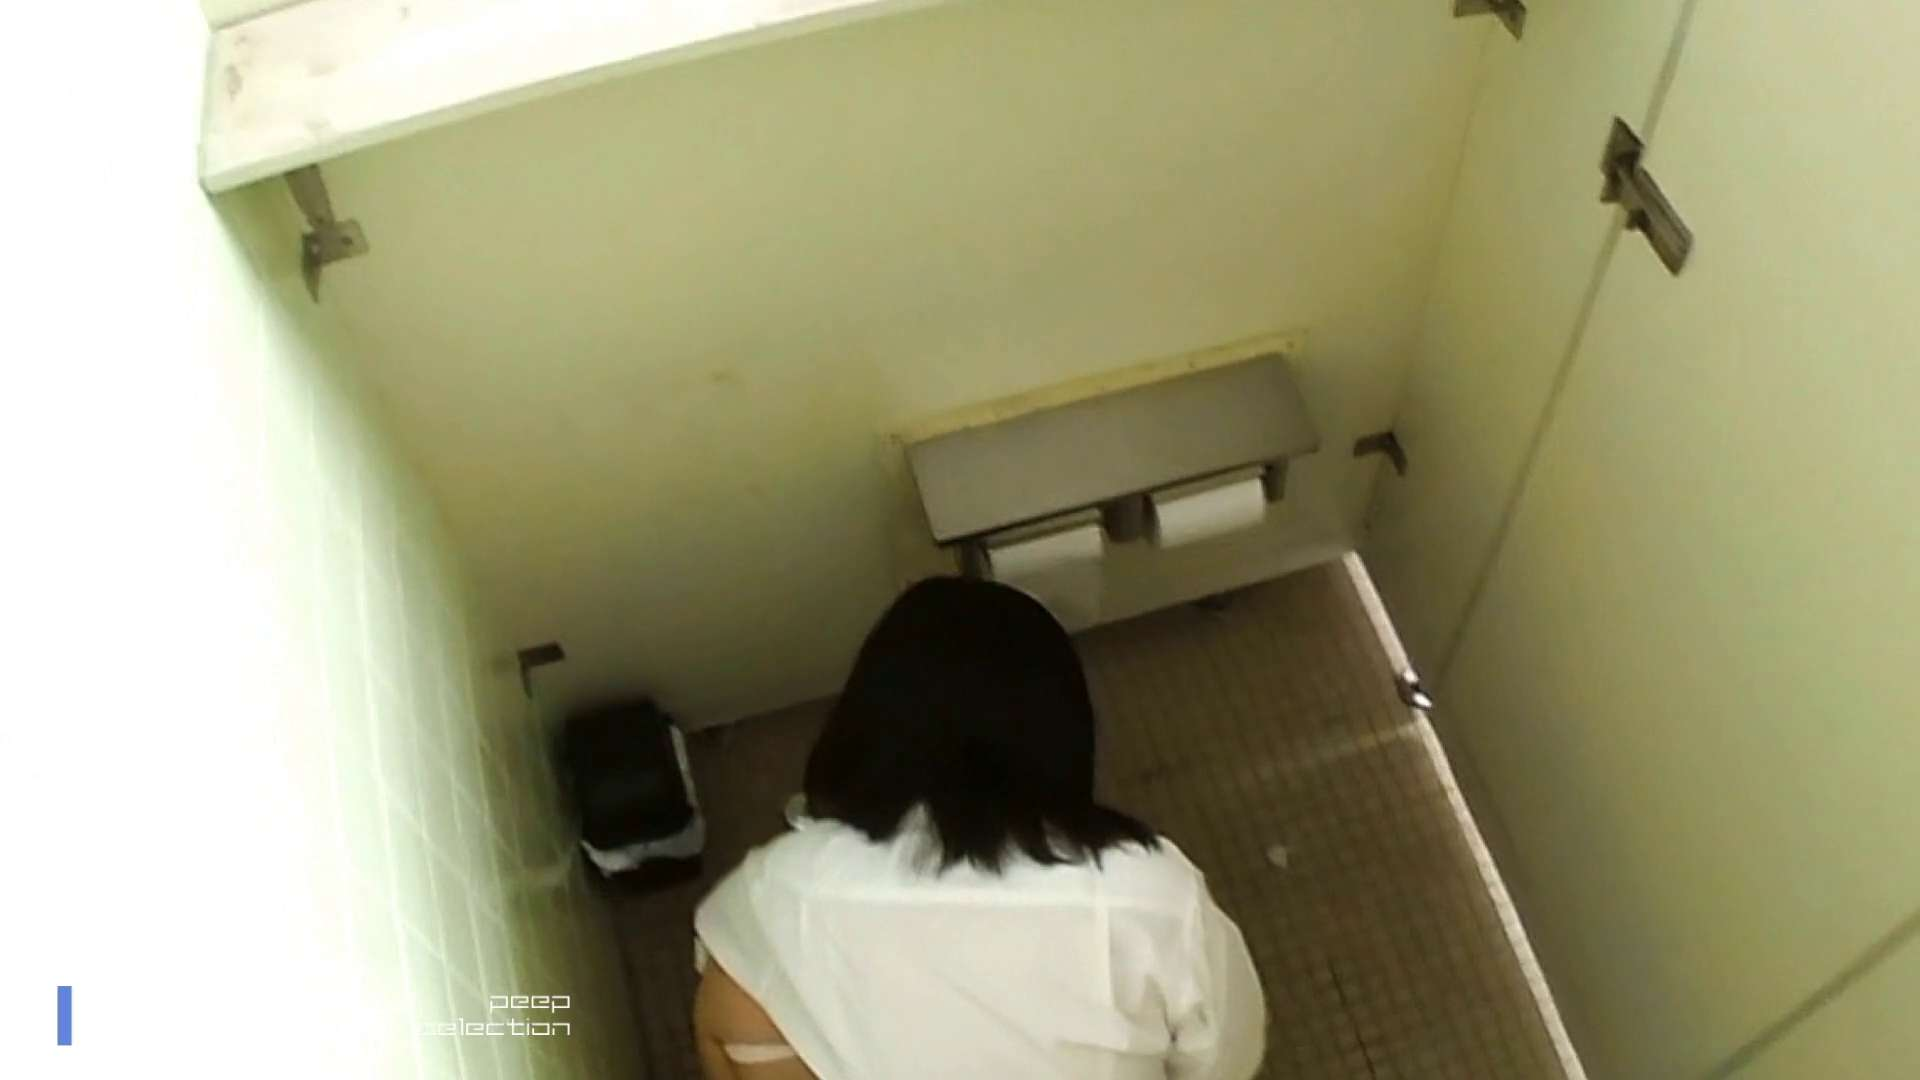 FHD激カワ!激やば! 復讐のトイレ盗撮 Vol.03 トイレ中 | 盗撮エロすぎ  78連発 62